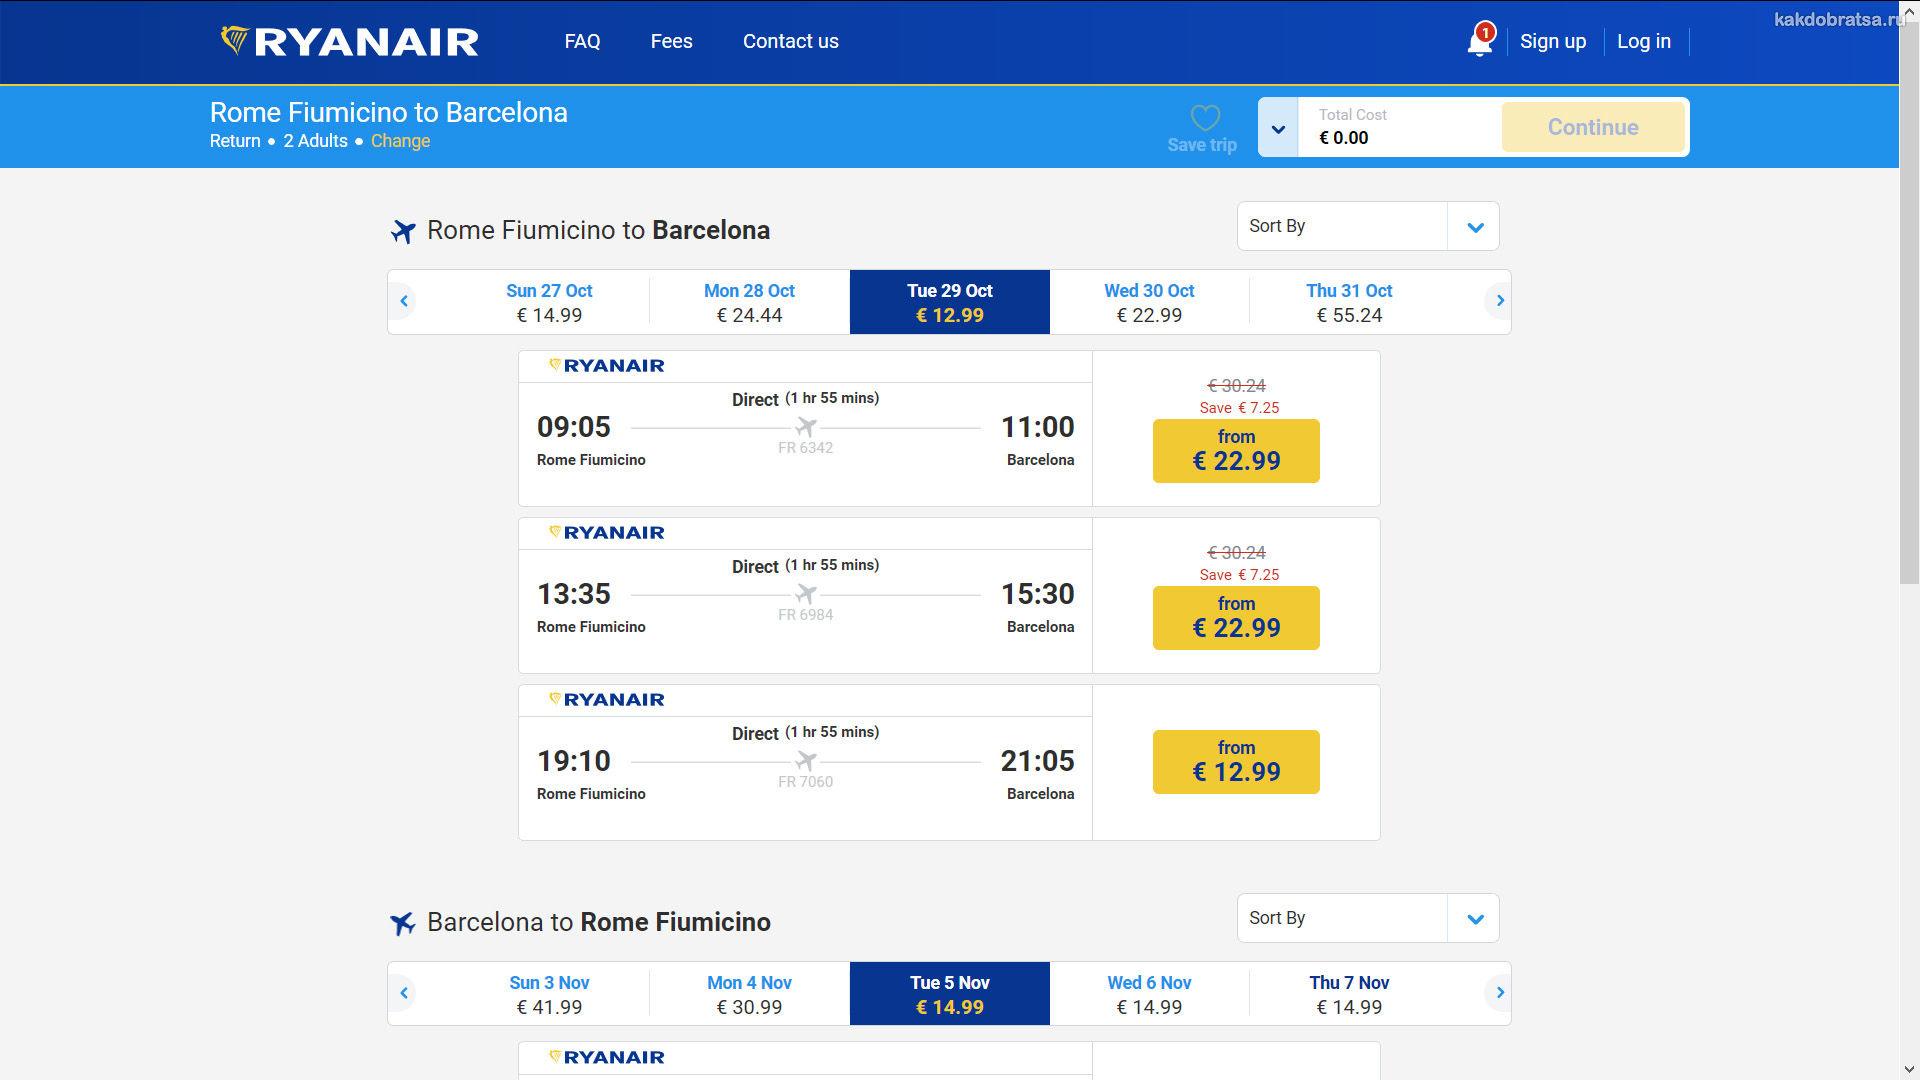 Инструкция по покупке билета на сайте Ryanair 2